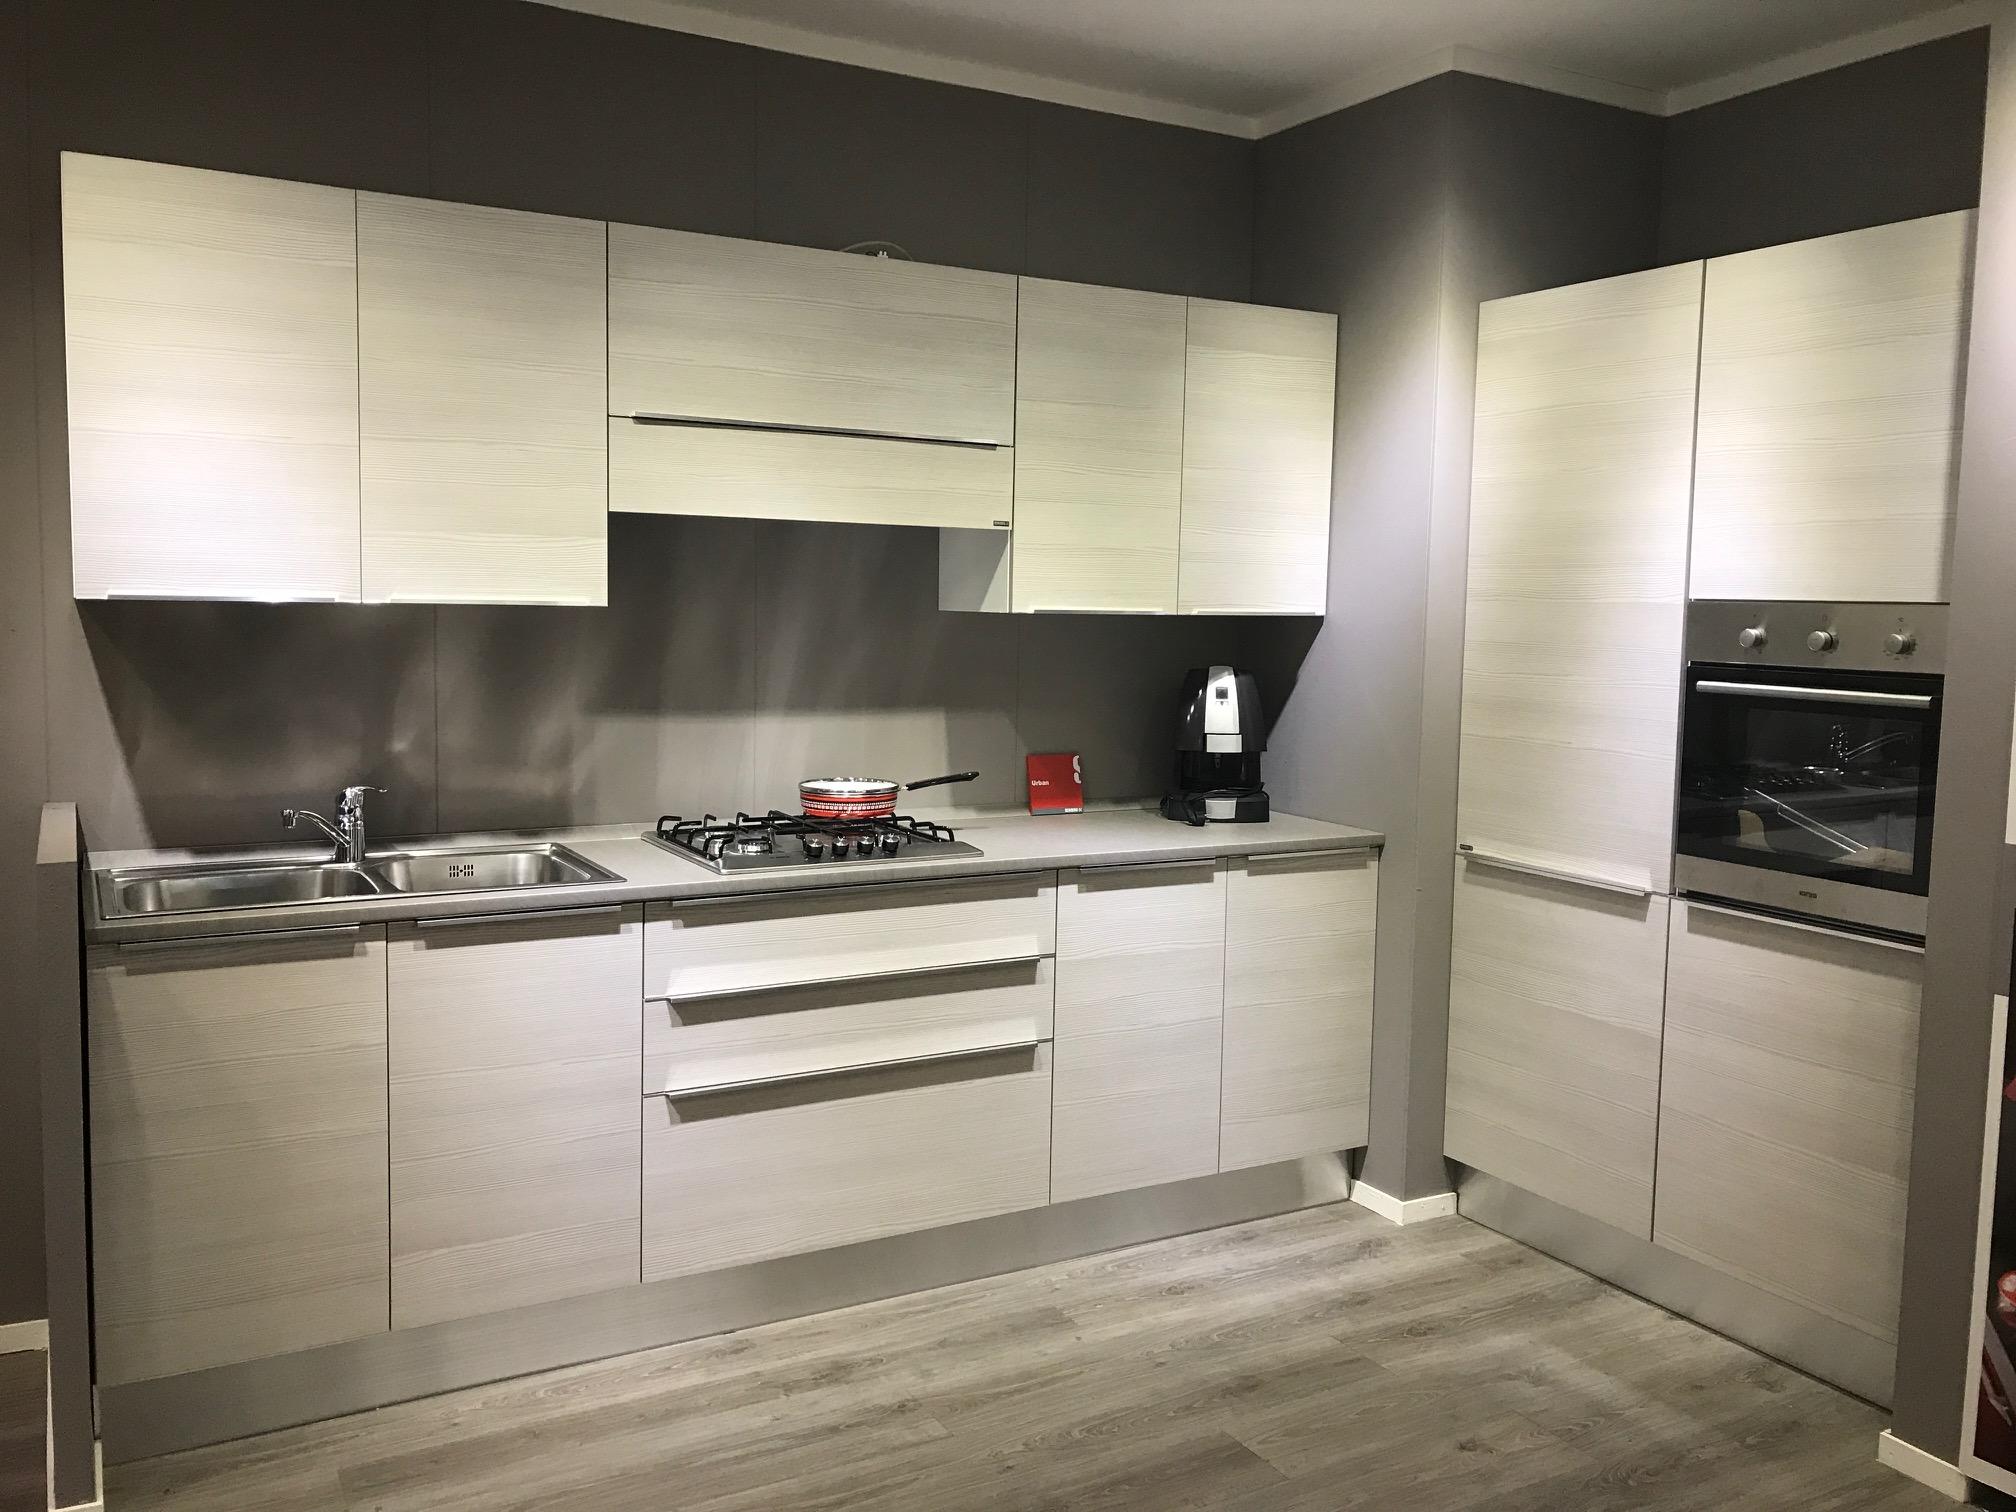 Offerta cucina scavolini easy modello urban san gaetano arredamenti - Costo cucine scavolini ...